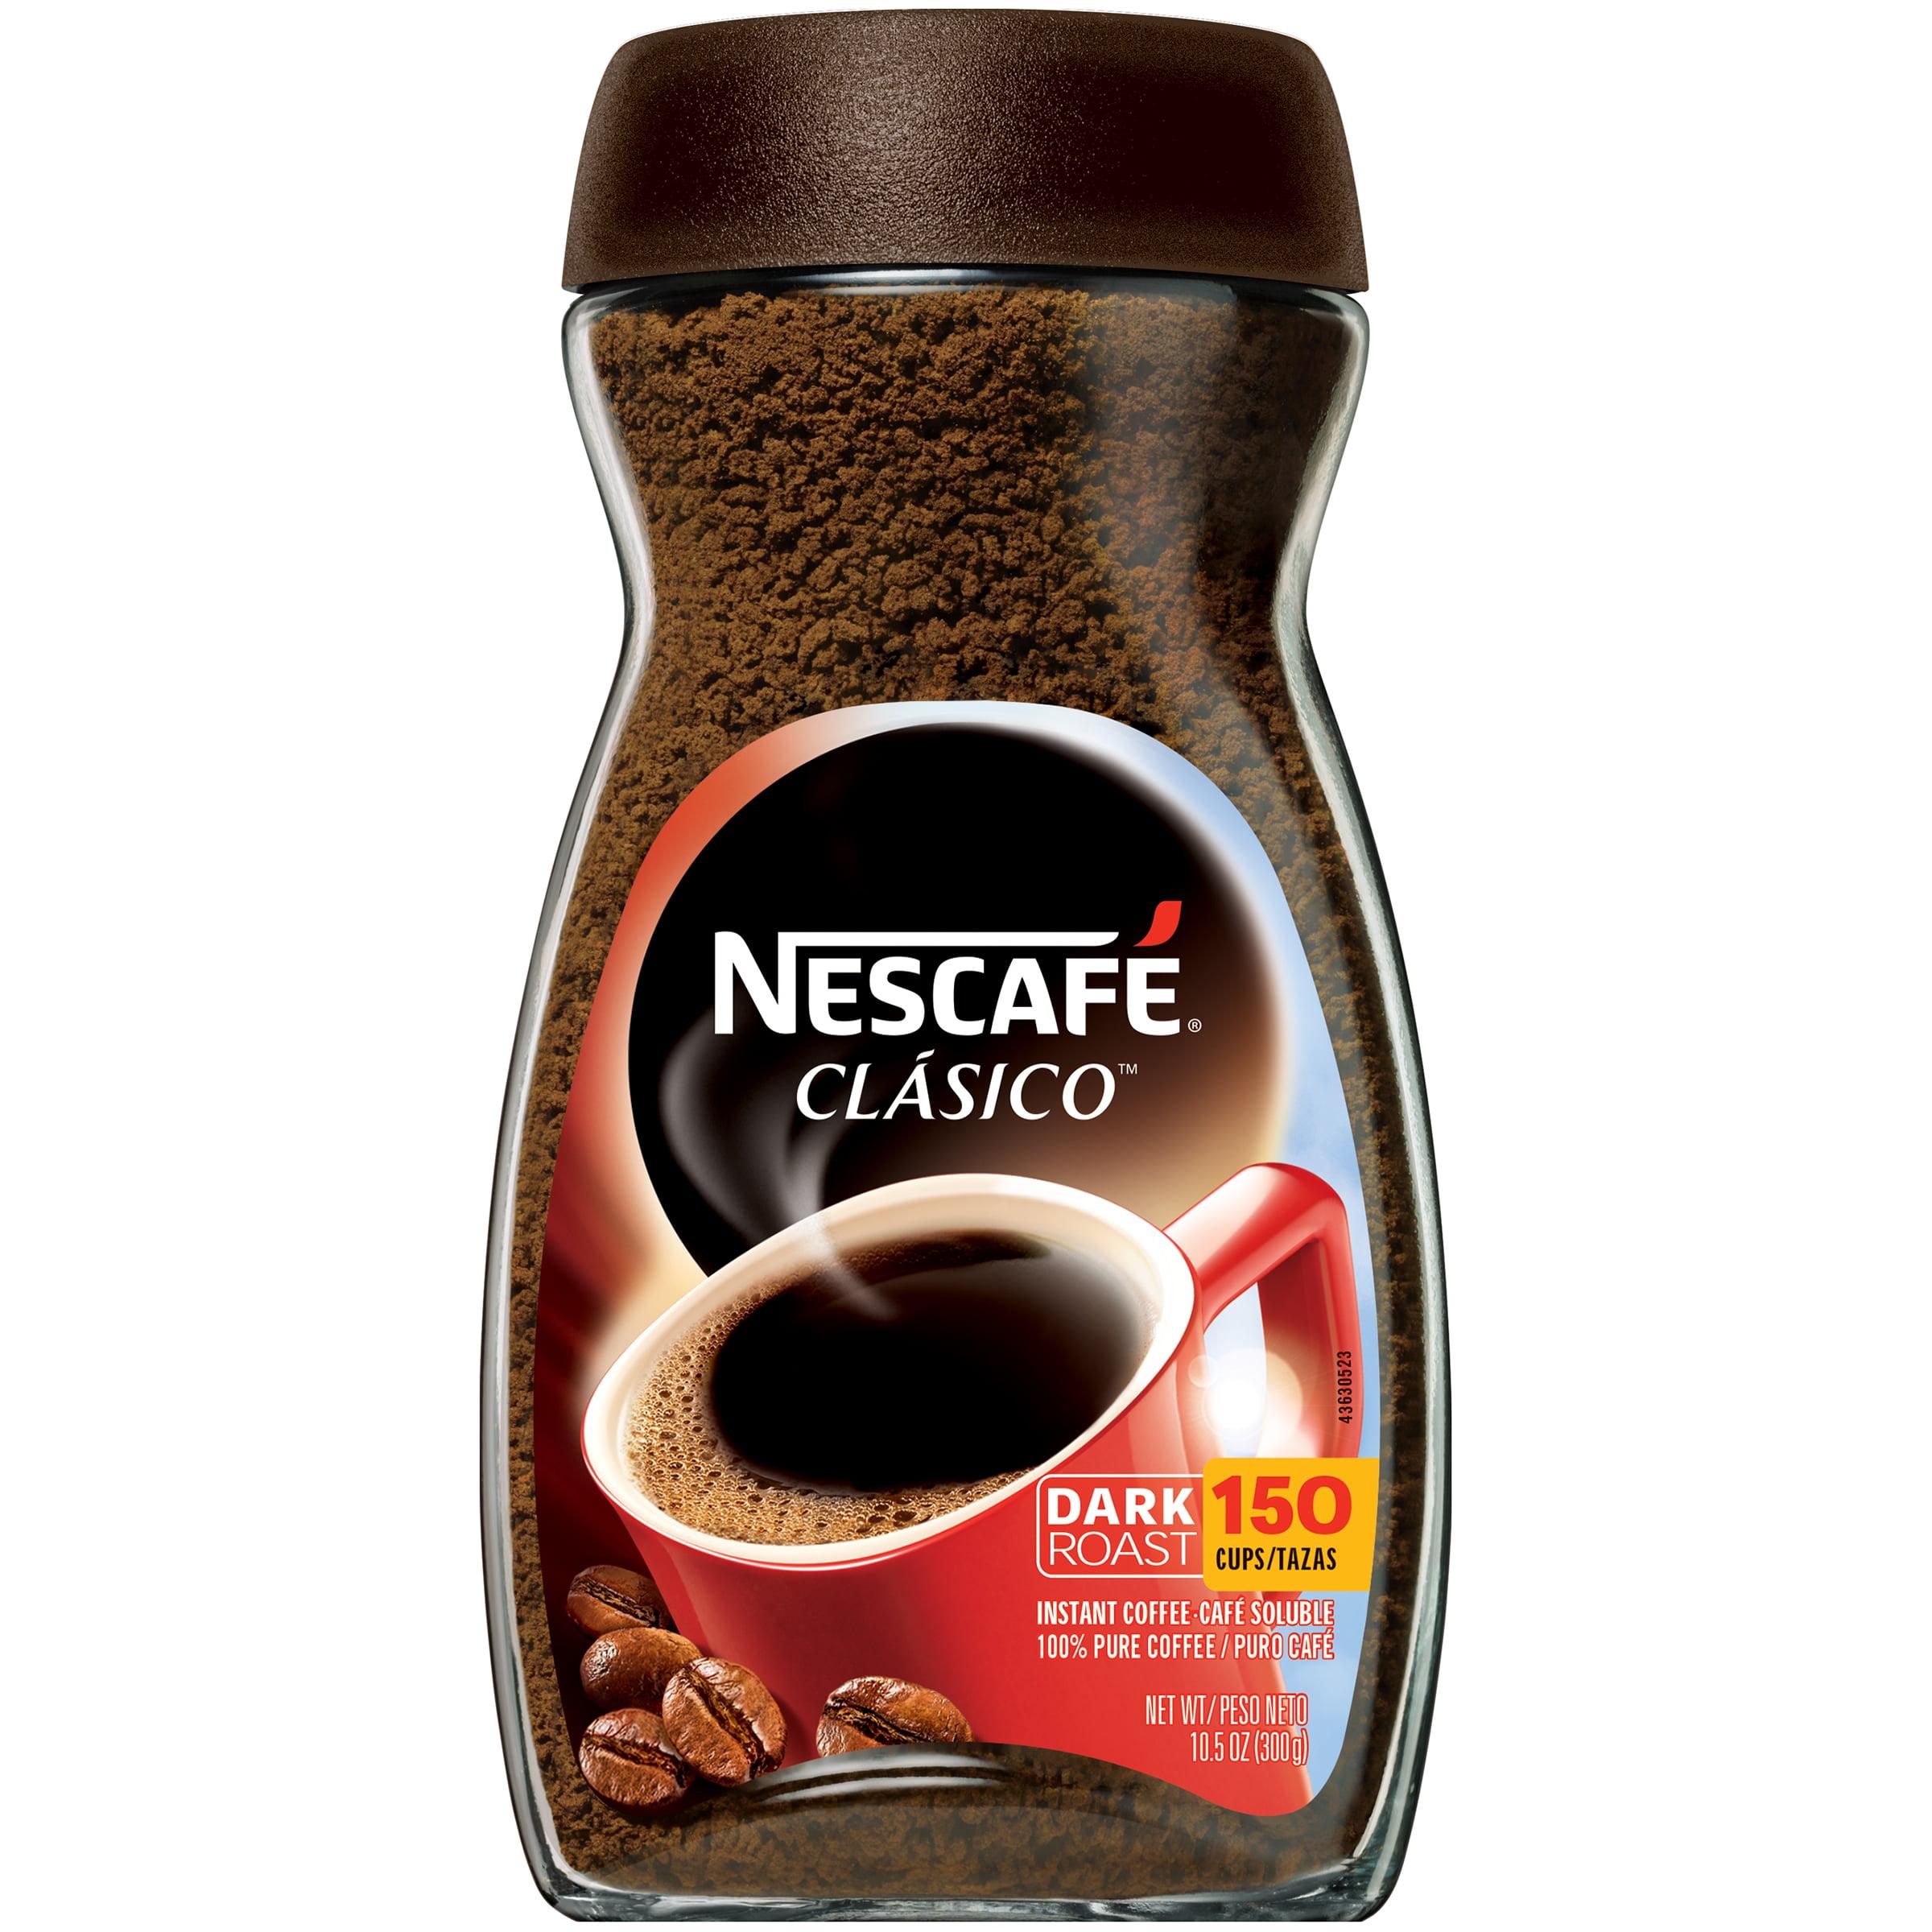 NESCAFE CLASICO Instant Coffee 10.5 oz. Jar